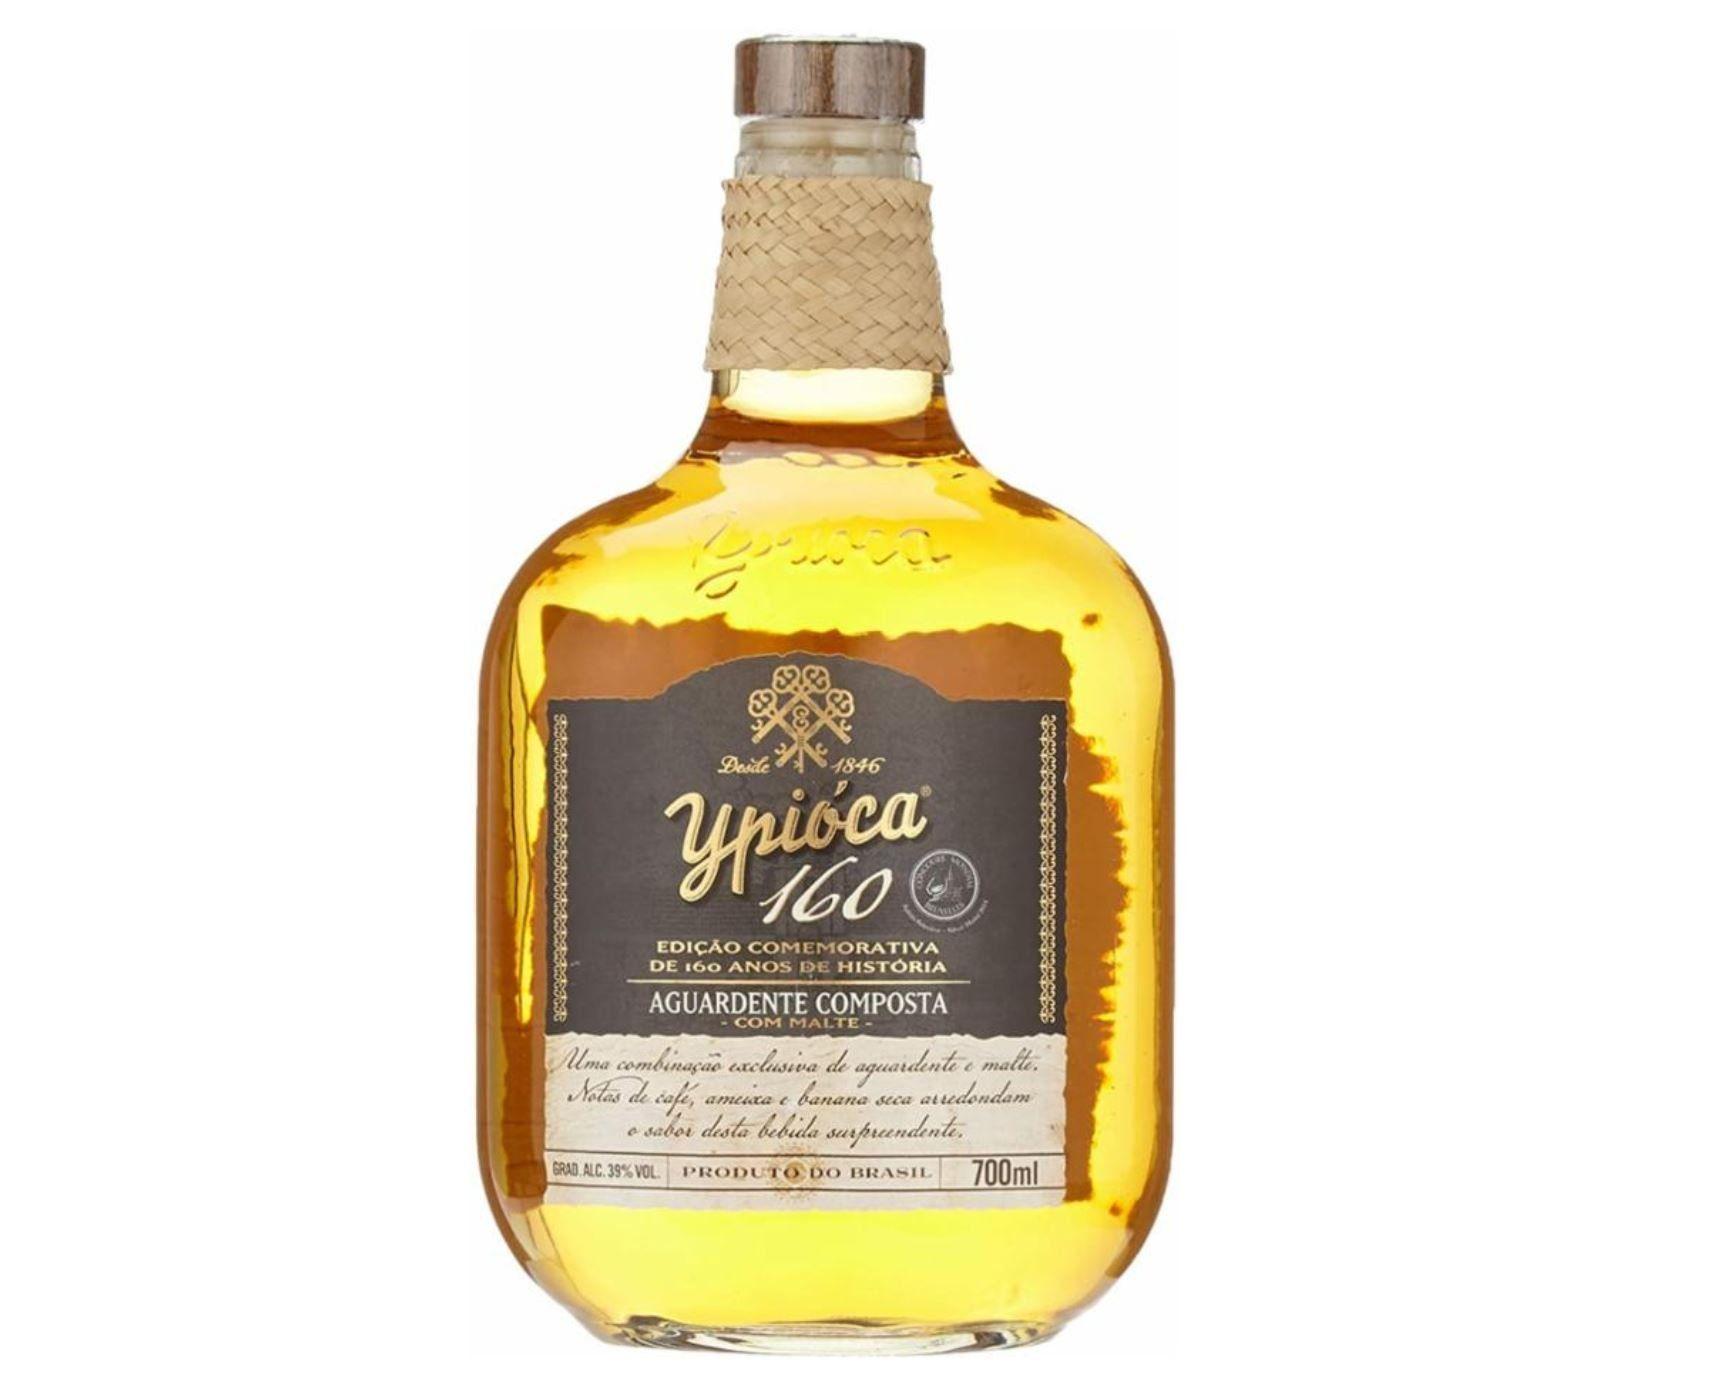 Vorbei! Ypioca 160 Com Malte Cachaca Rum 0,7l Flasche für 45,99€ (statt 58€)